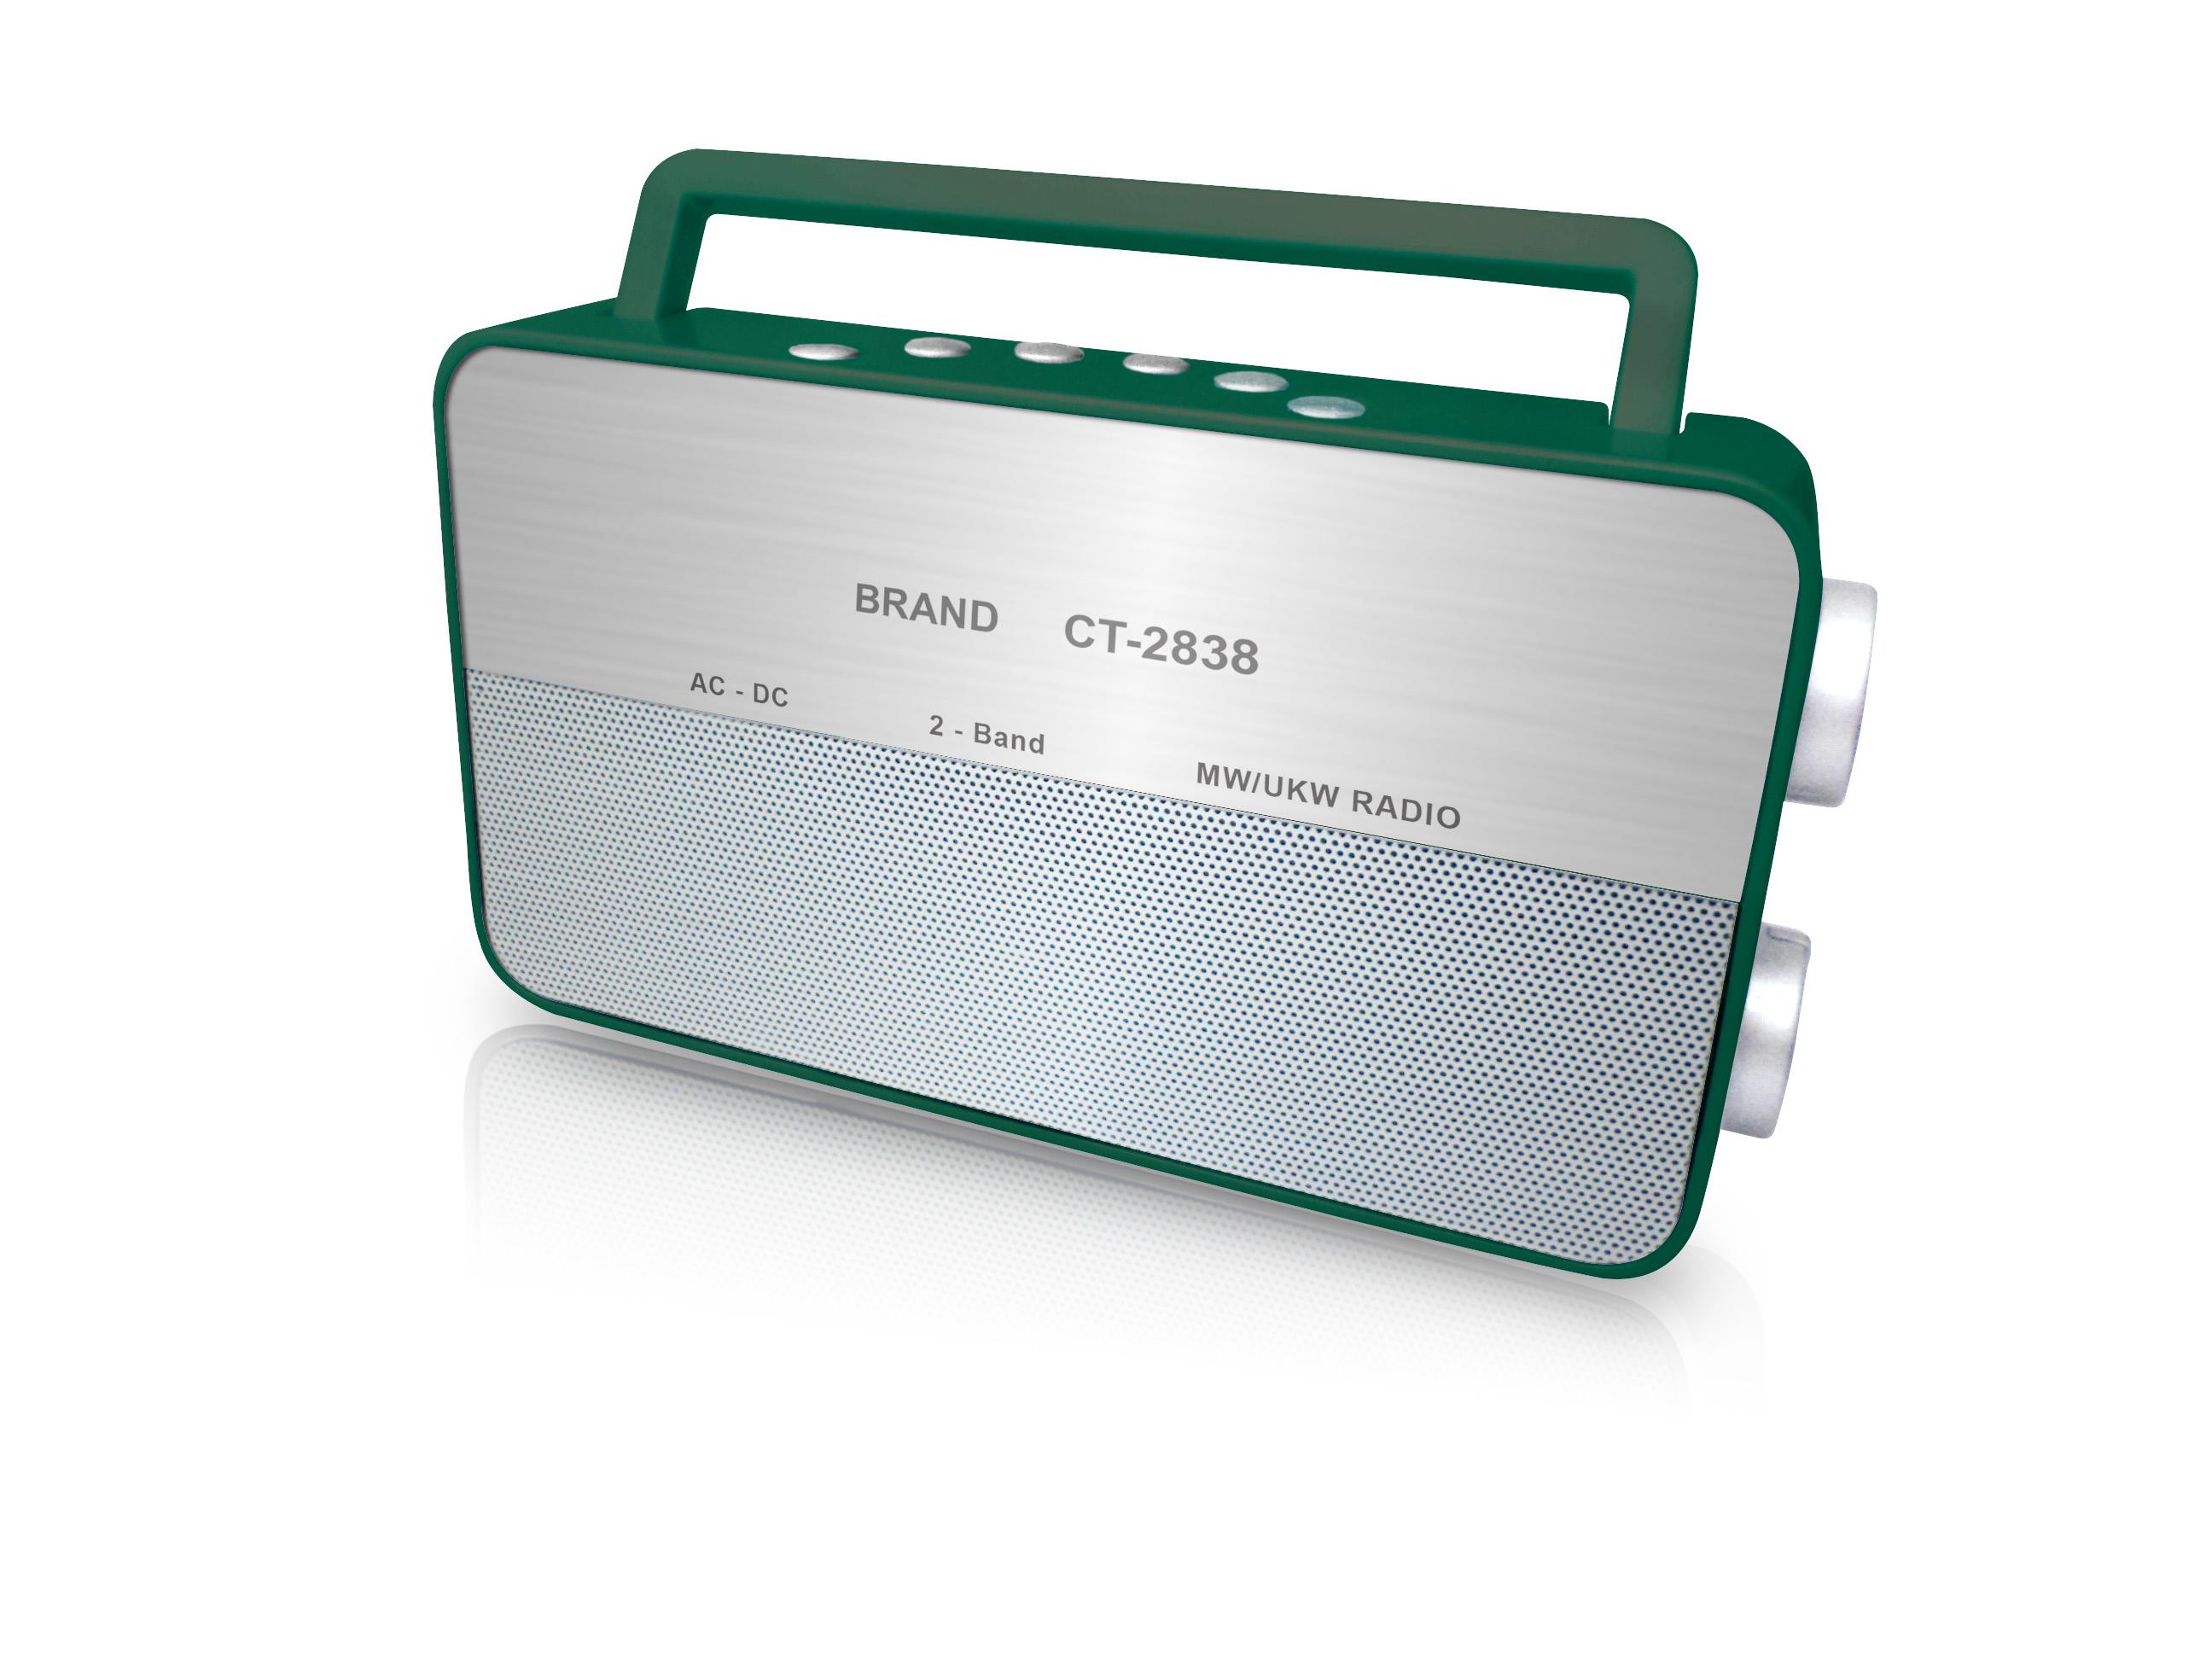 CT-2838 Brand G.jpg